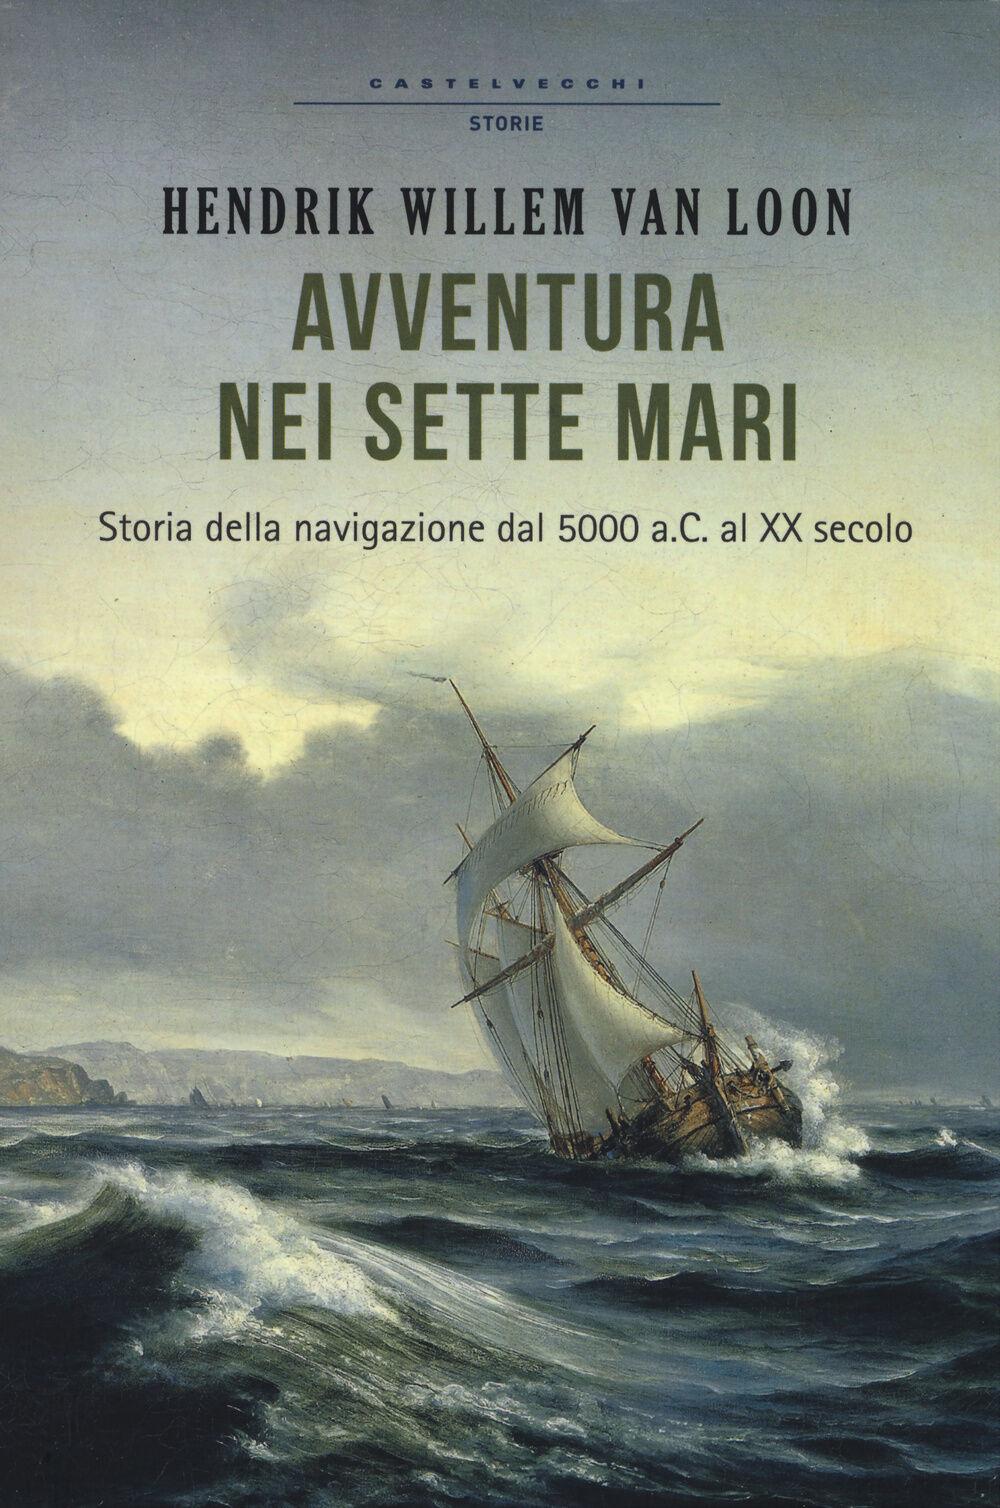 Avventura nei sette mari. Storia della navigazione dal 5000 a. C. al XX secolo